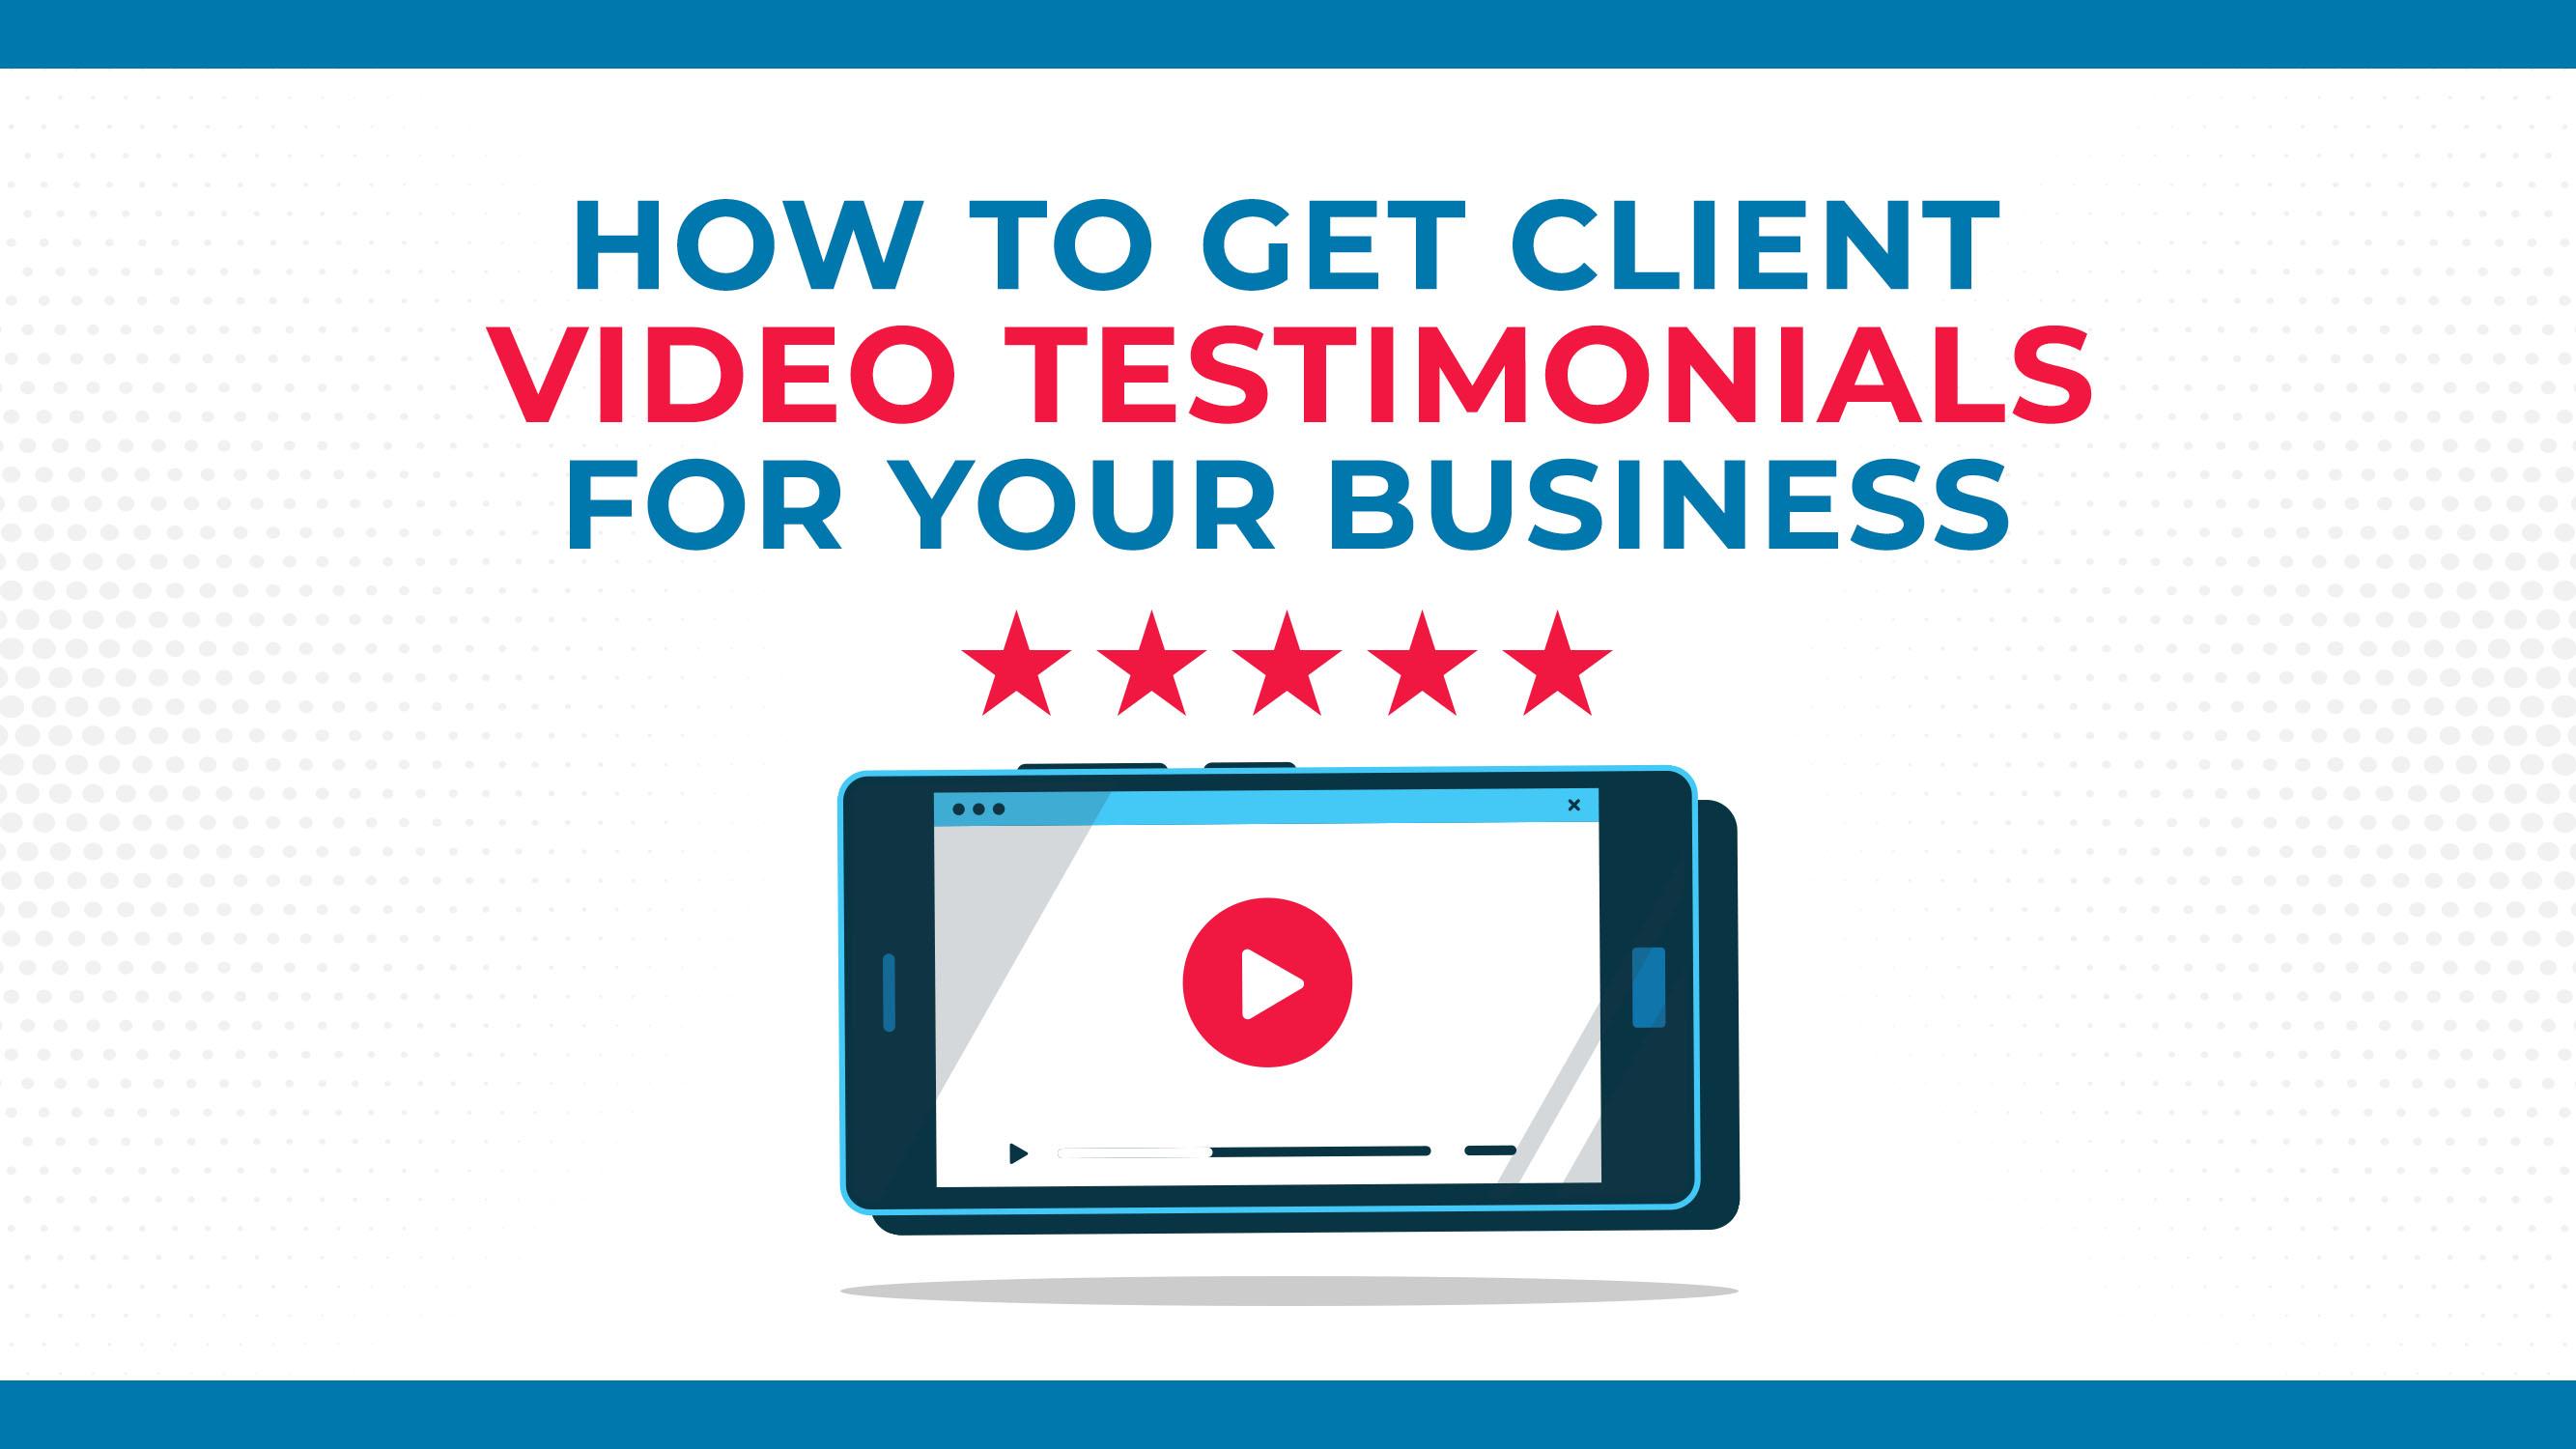 あなたのビジネスのためにクライアントのビデオの証言を取得する方法